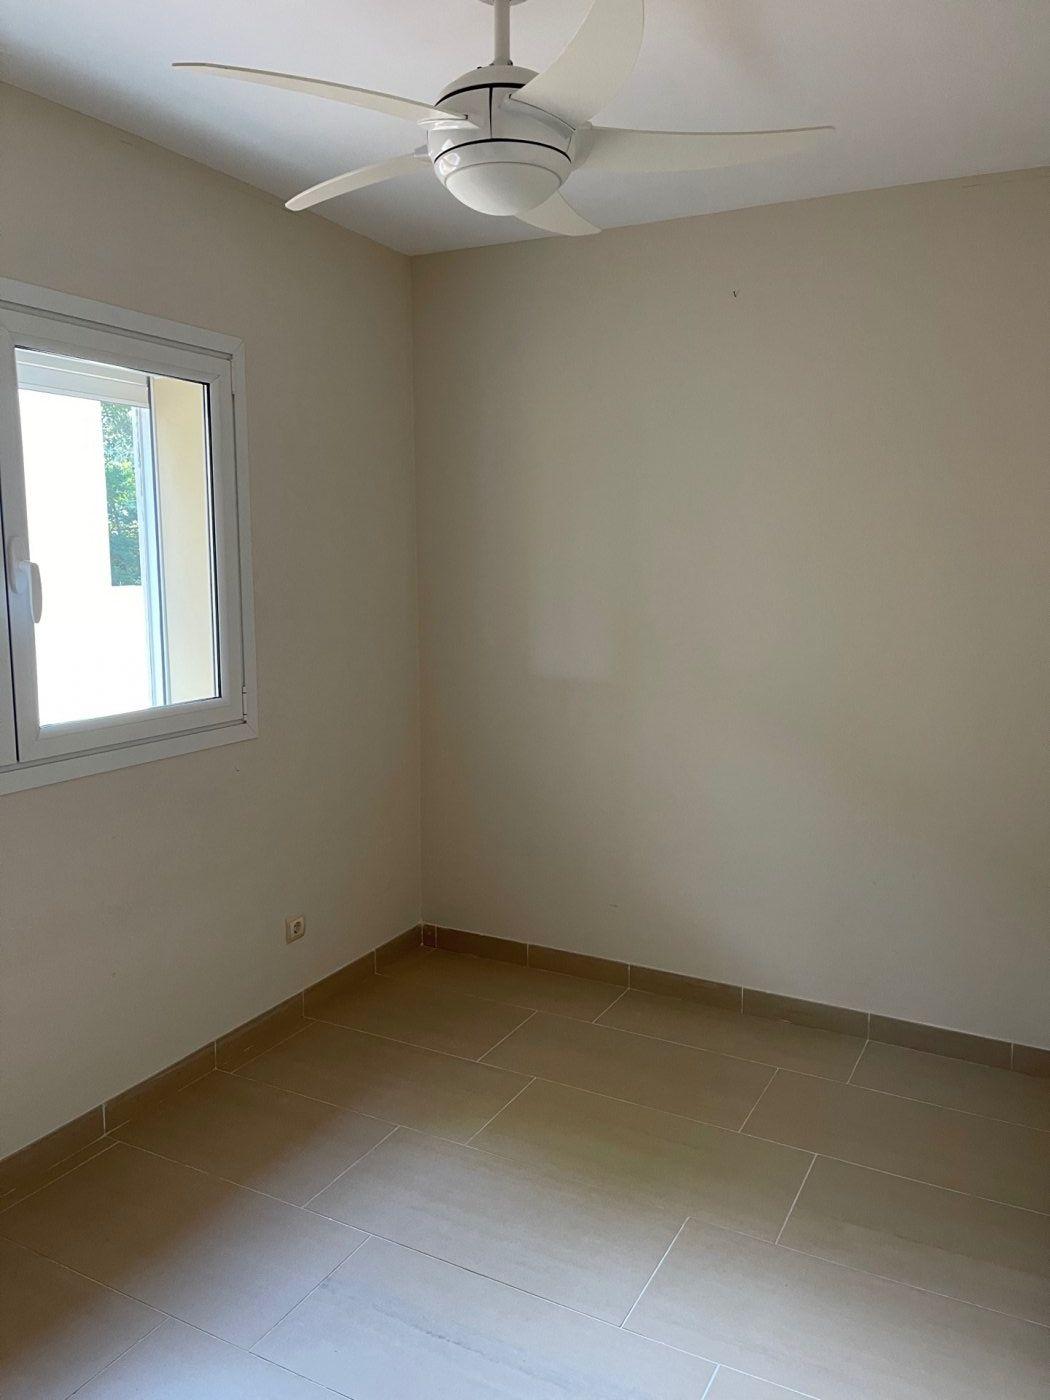 Elagante piso en alquiler en la zona de cas catalÁ, calviÁ - imagenInmueble17